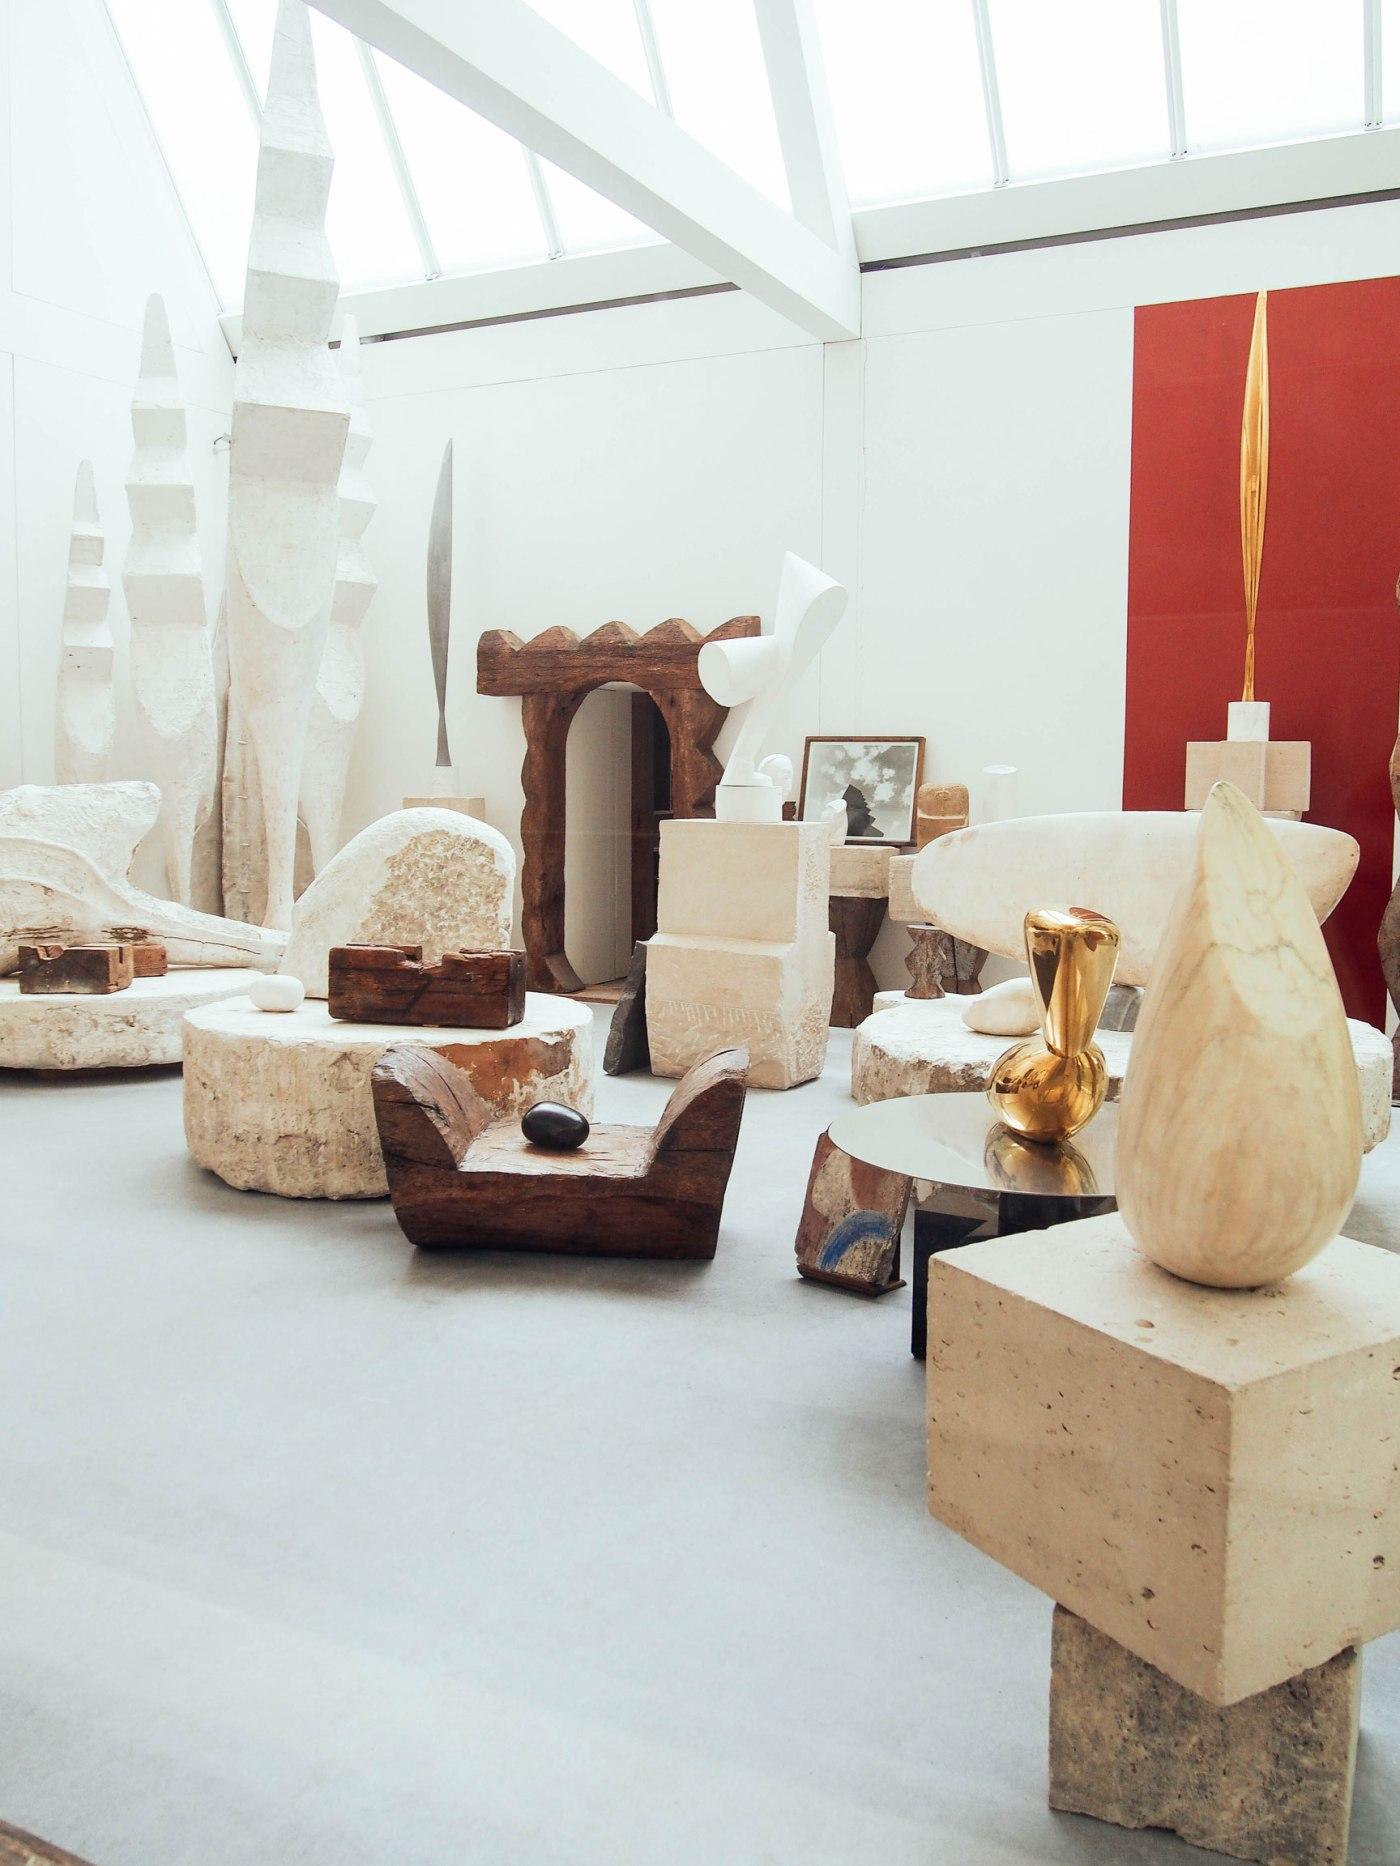 atelier-brancusi-paris-jennifer-ring-29